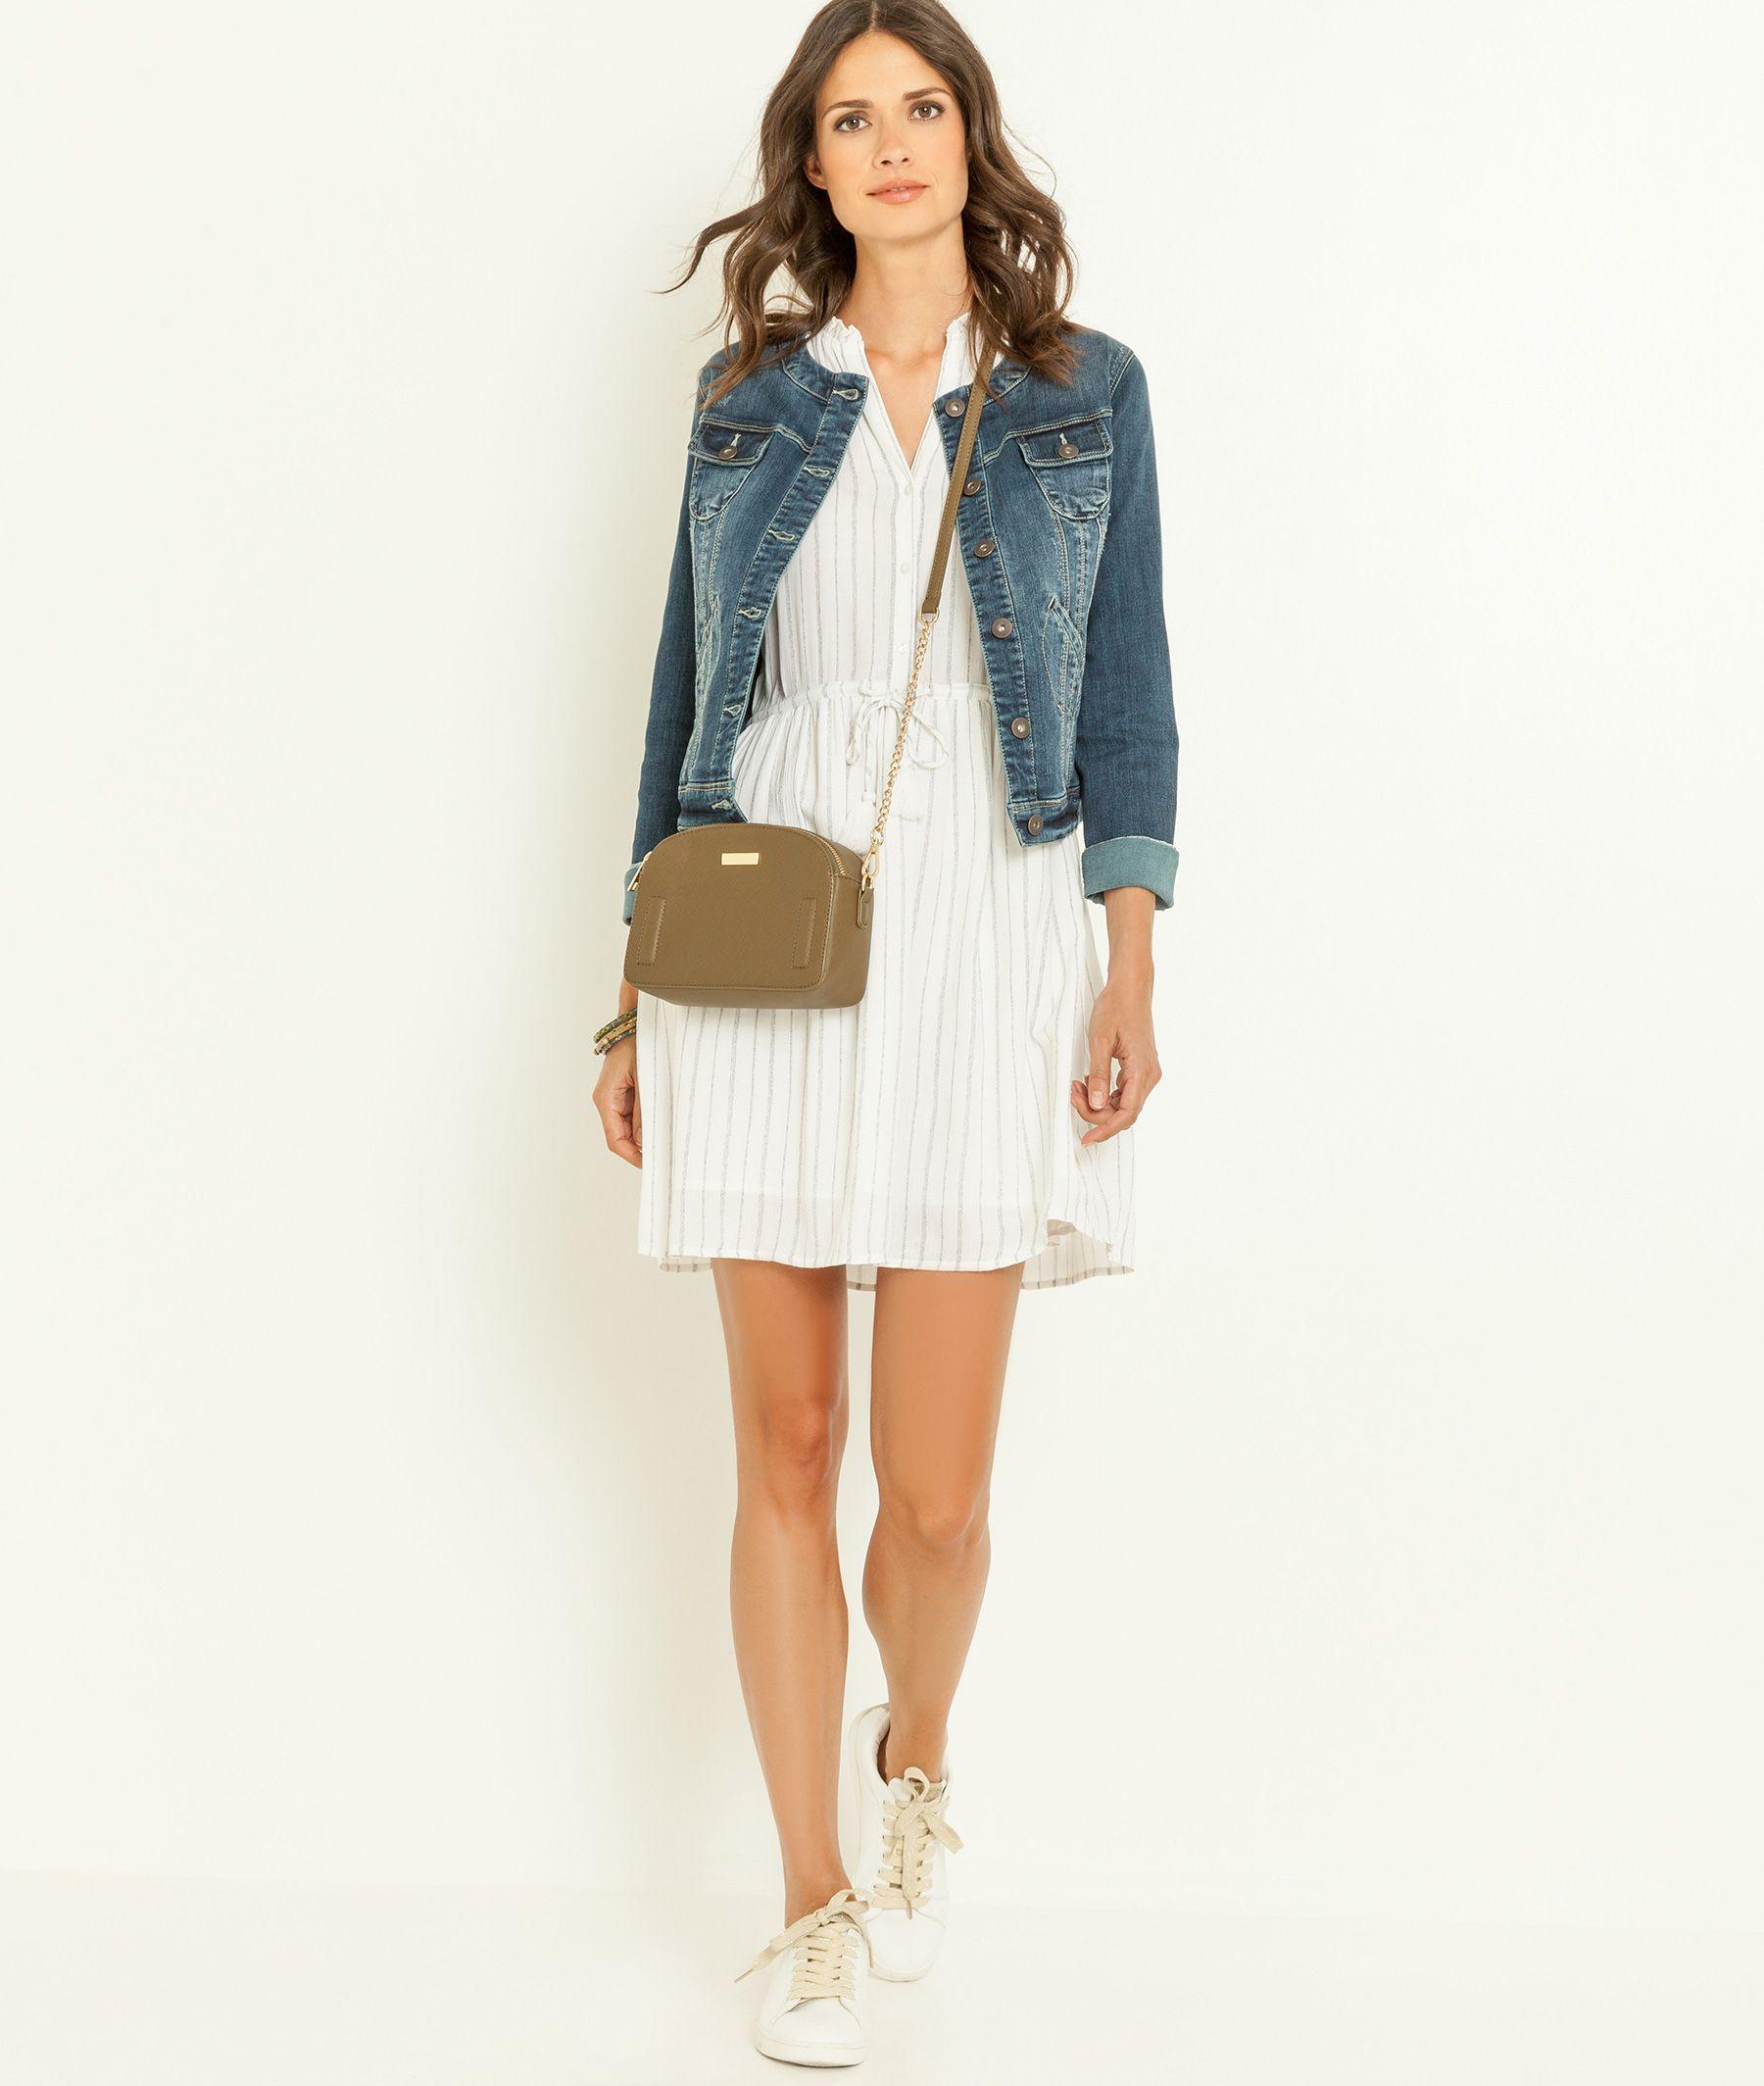 Mode Gdm Jeans Femme Veste Rond Grain Pinterest De Col qxZBFxz